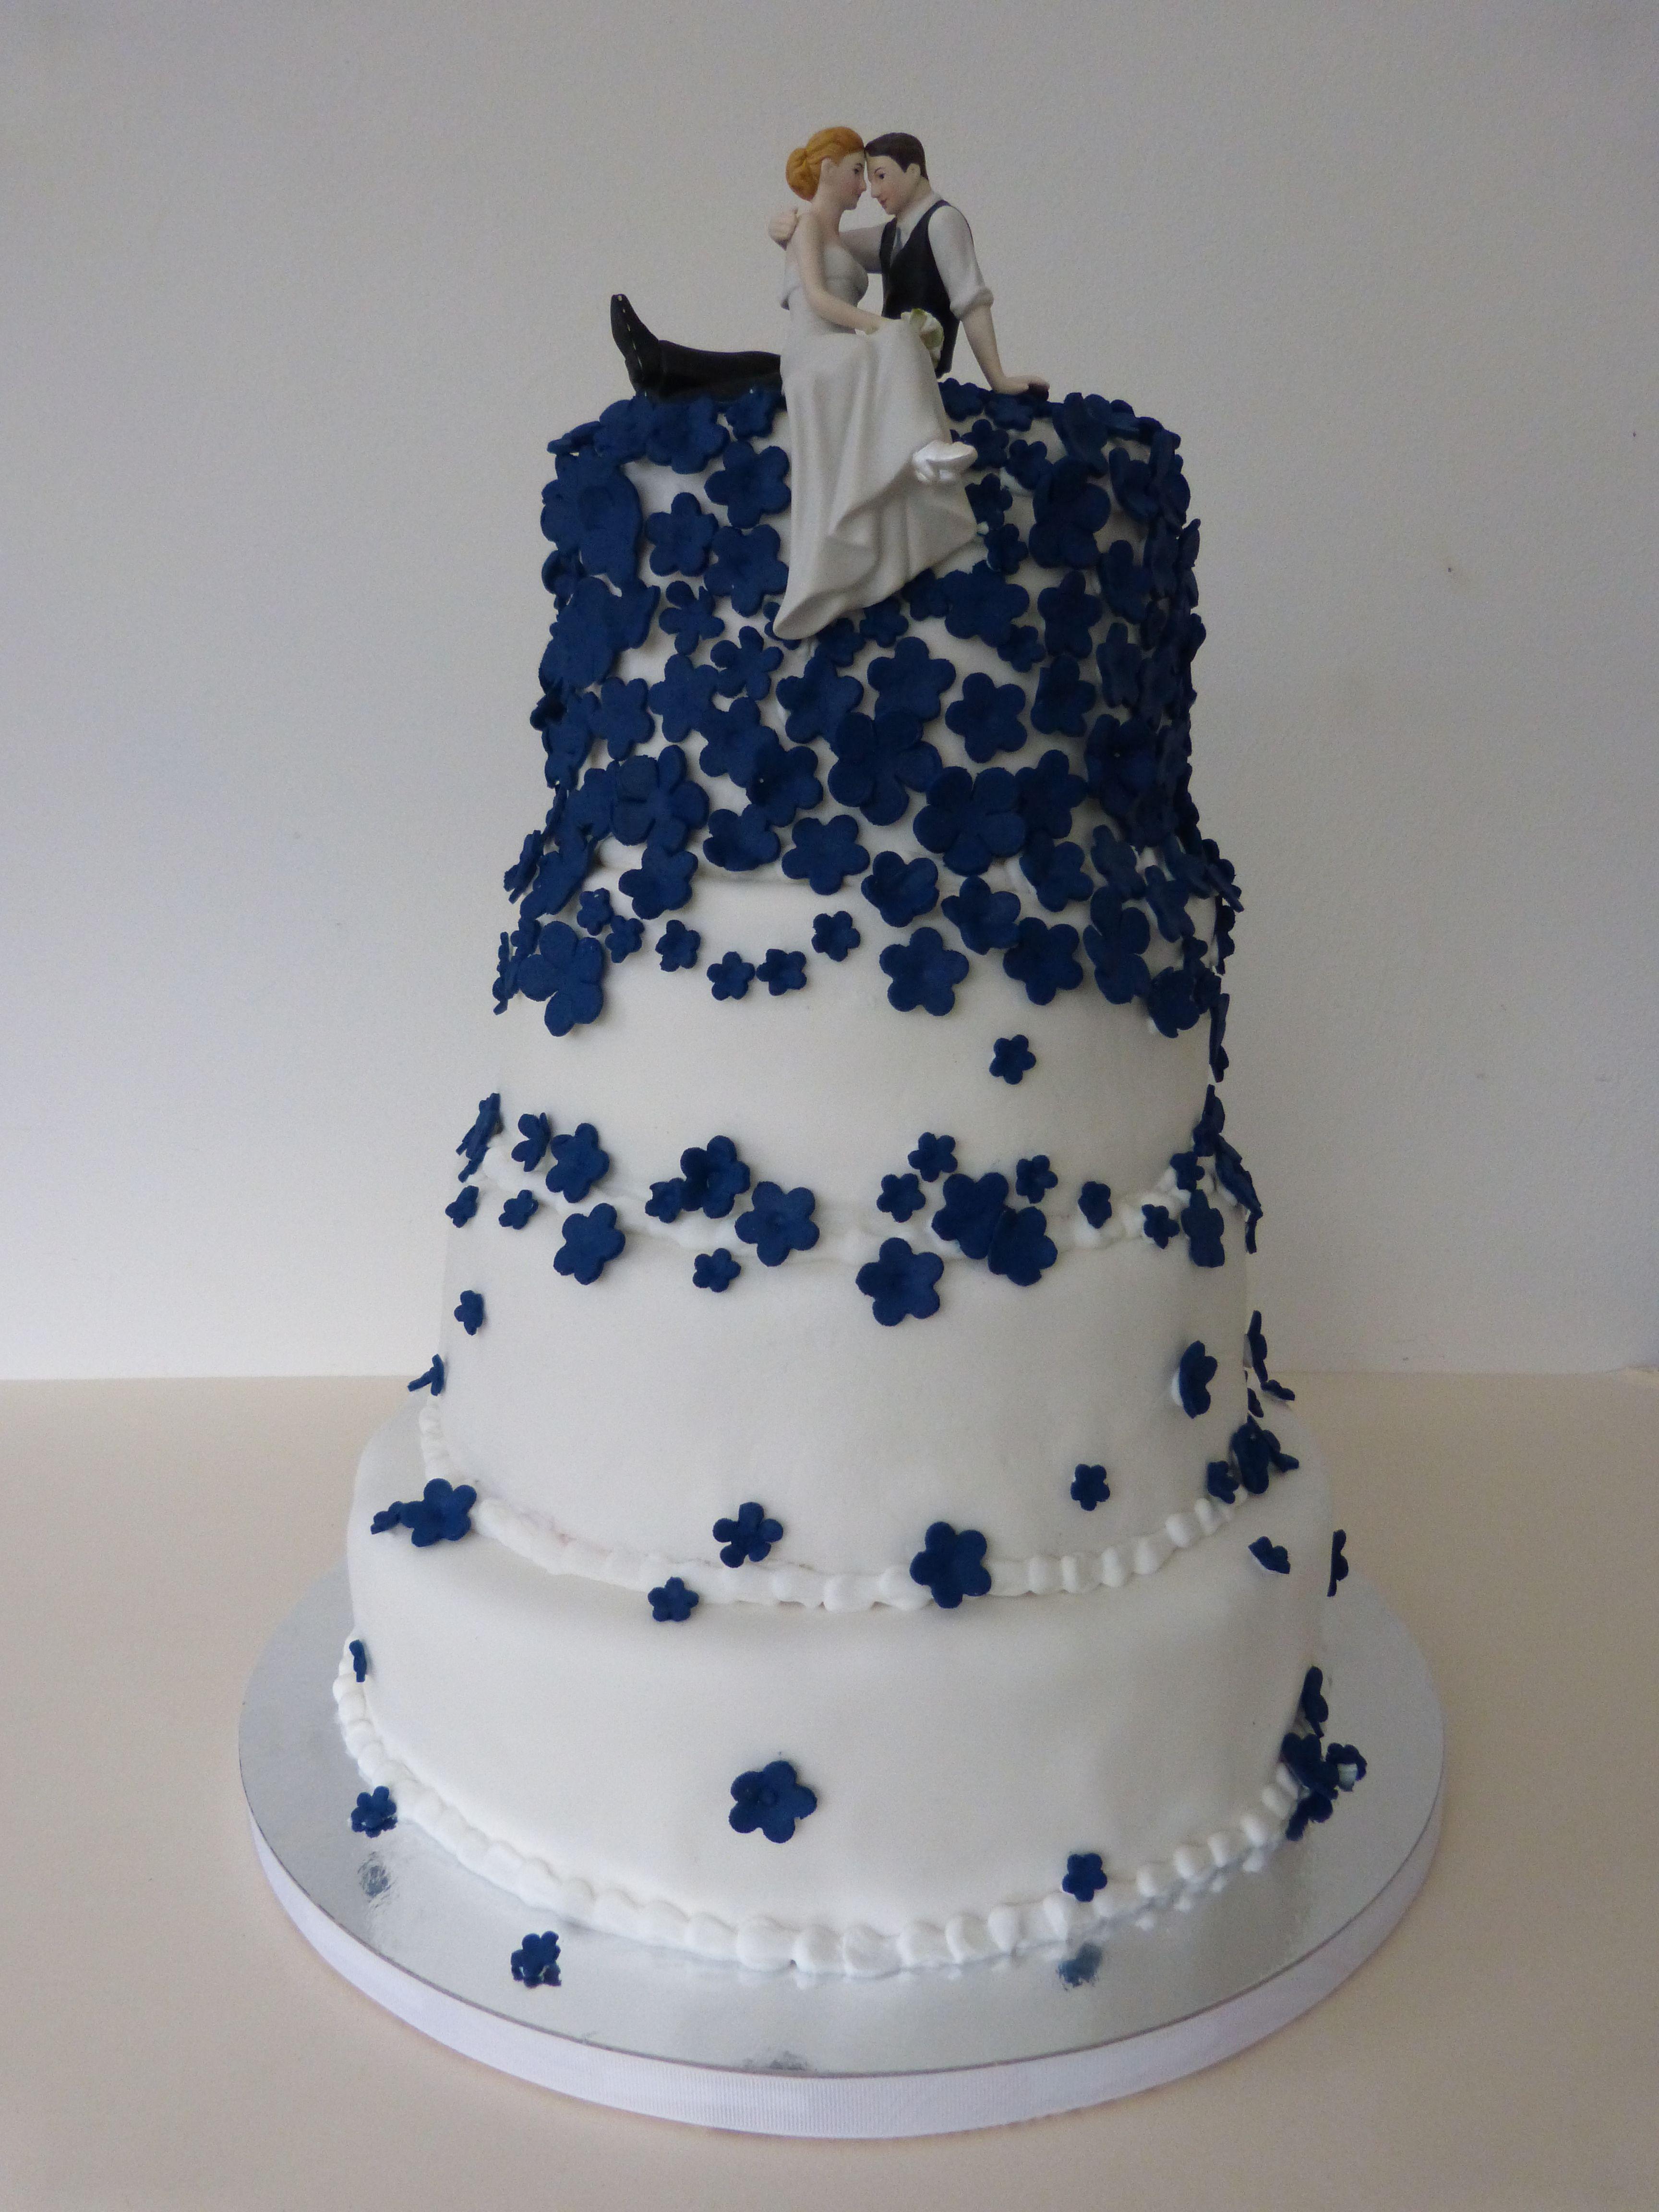 Kuchen Blau Weiss Rot Vorhang Blau Weiss Gestreift Schreibtisch Hause